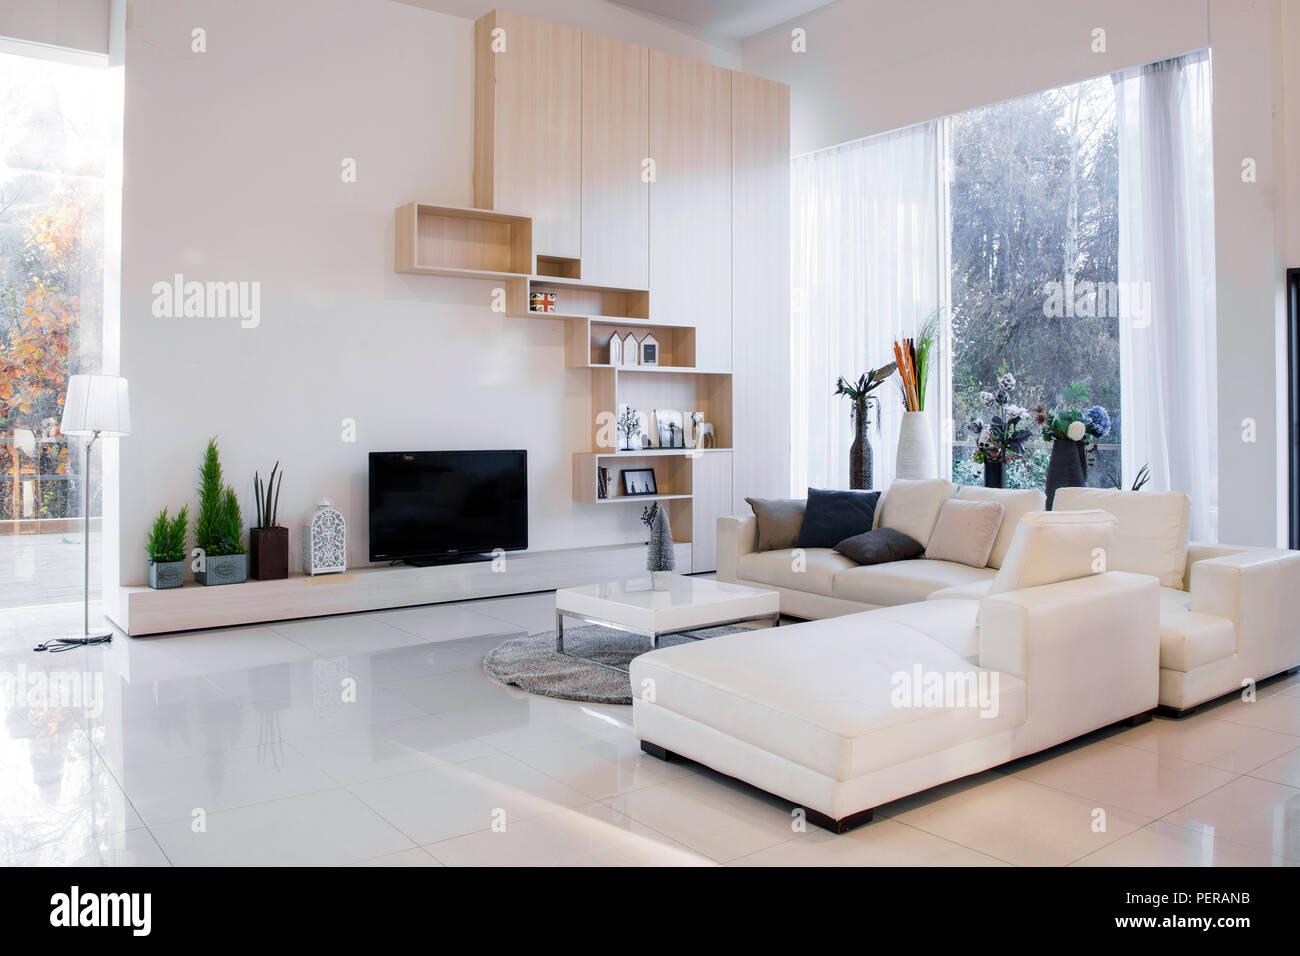 Moderner Raum Interieur design Foto. Wohnzimmer ...